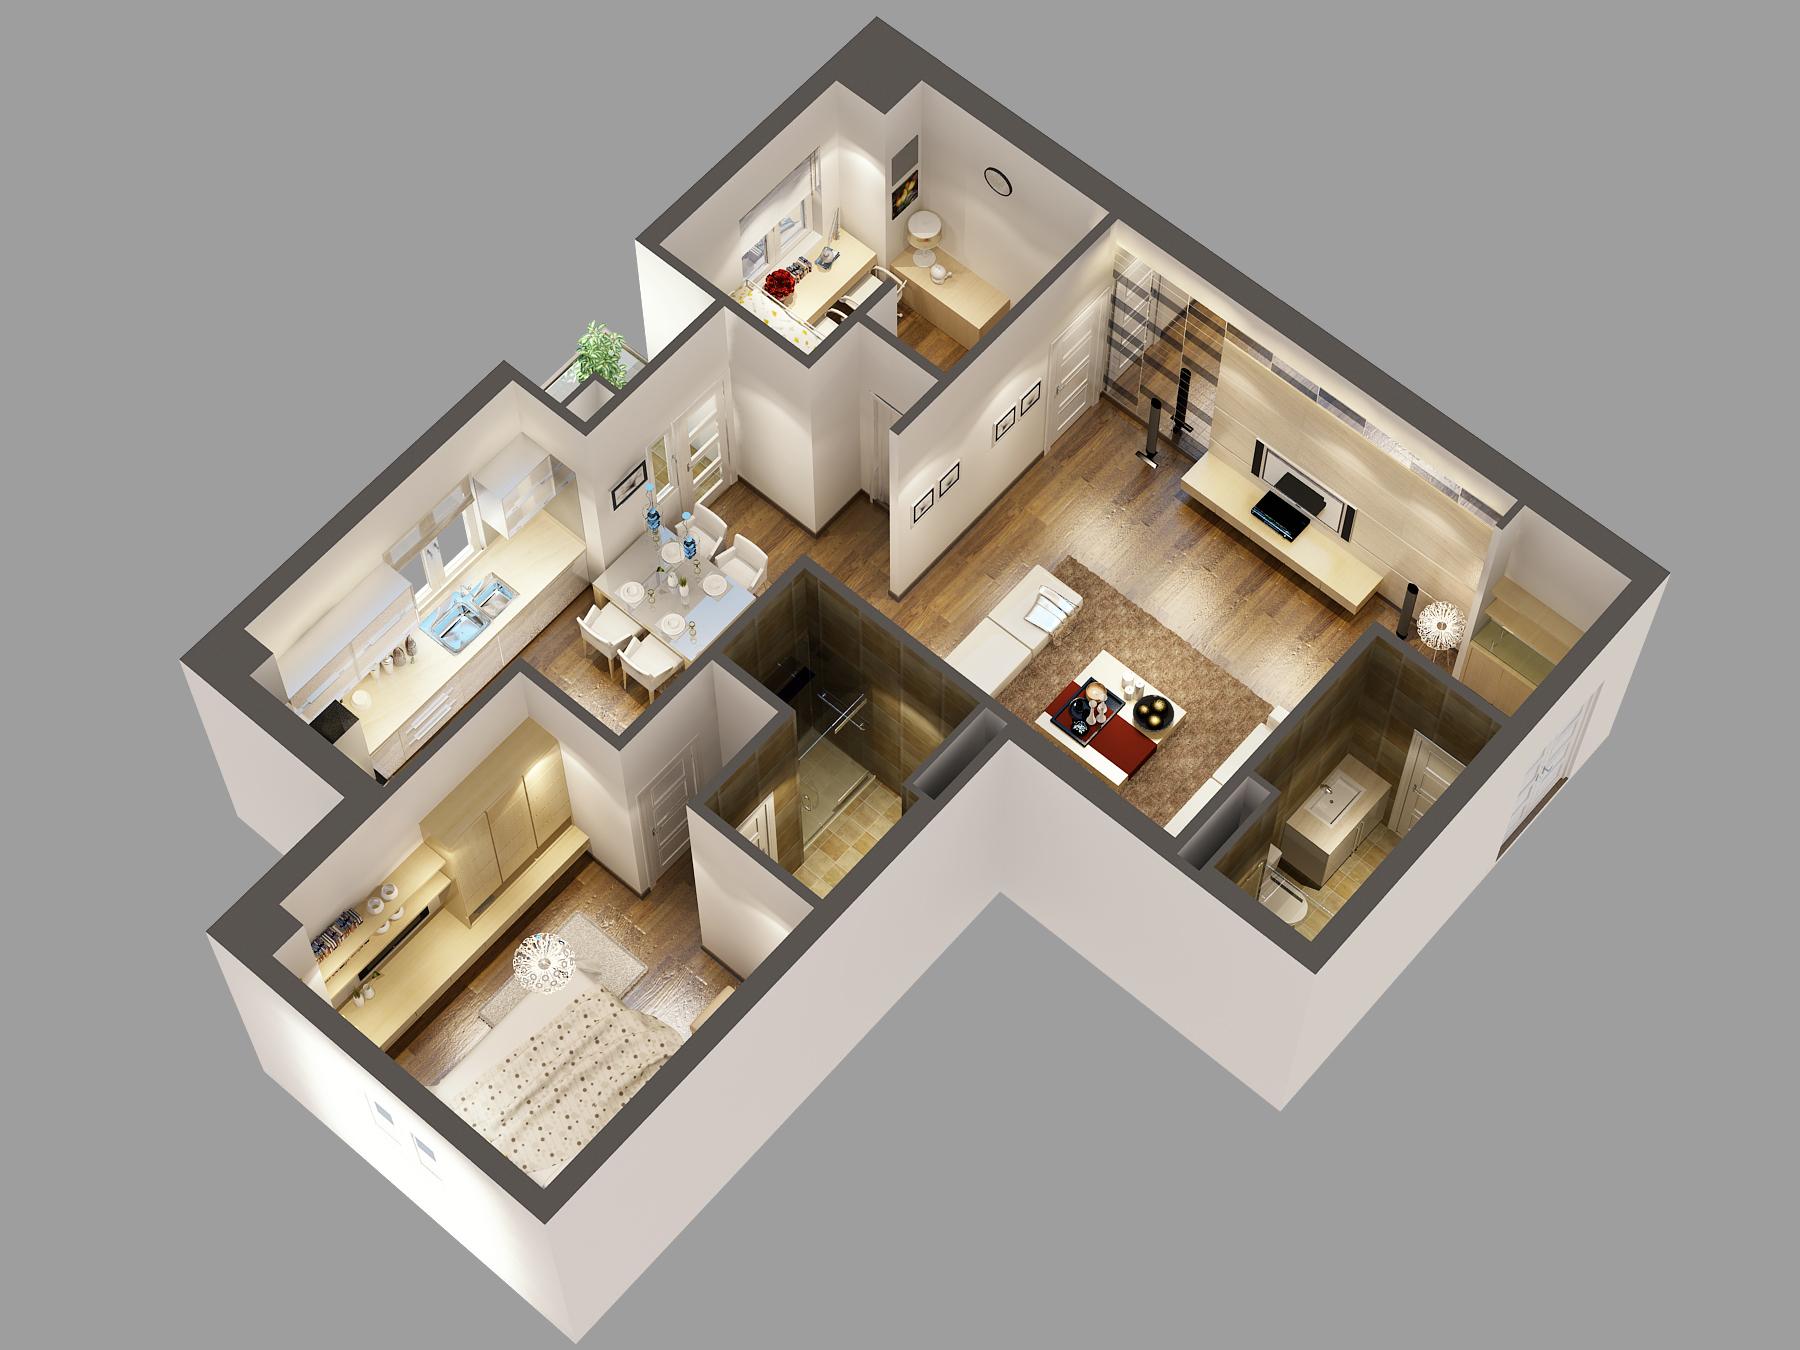 30+ [ Home Exterior Design Ipad App ]   Interior Design With ...   tile   home exterior design app ipad